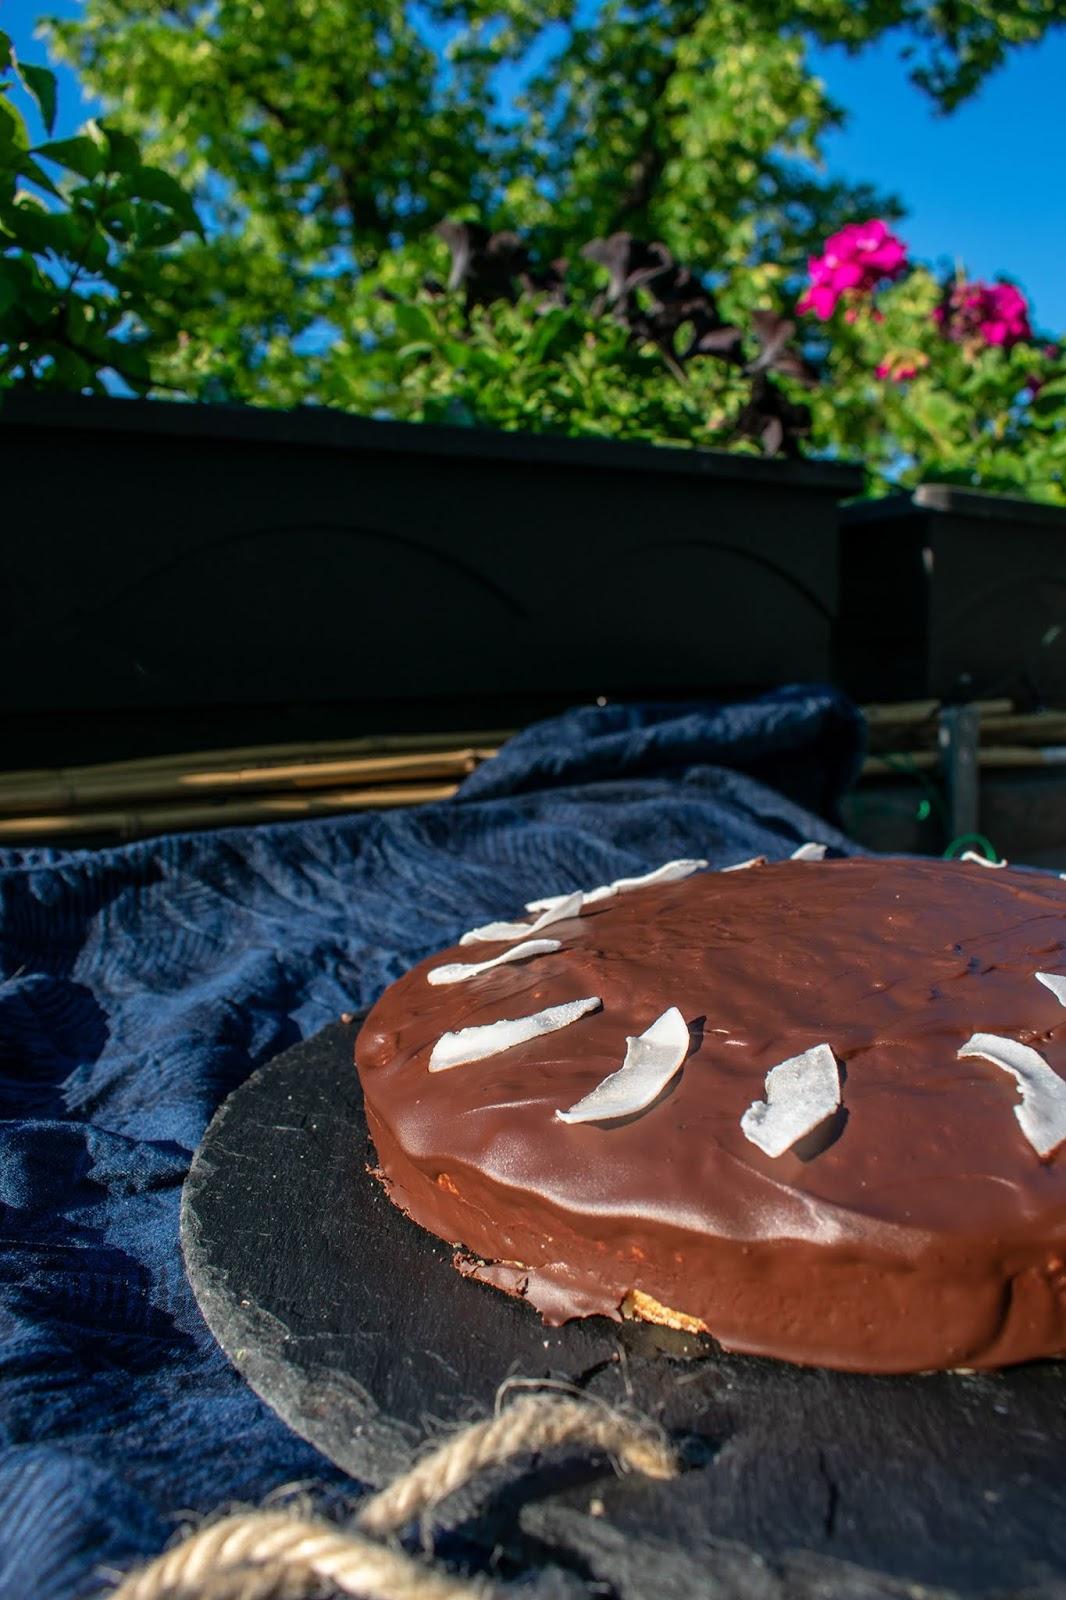 Schokoriegel Als Schneller Kuchen Bounty Kuchen Jenseits Von Eden